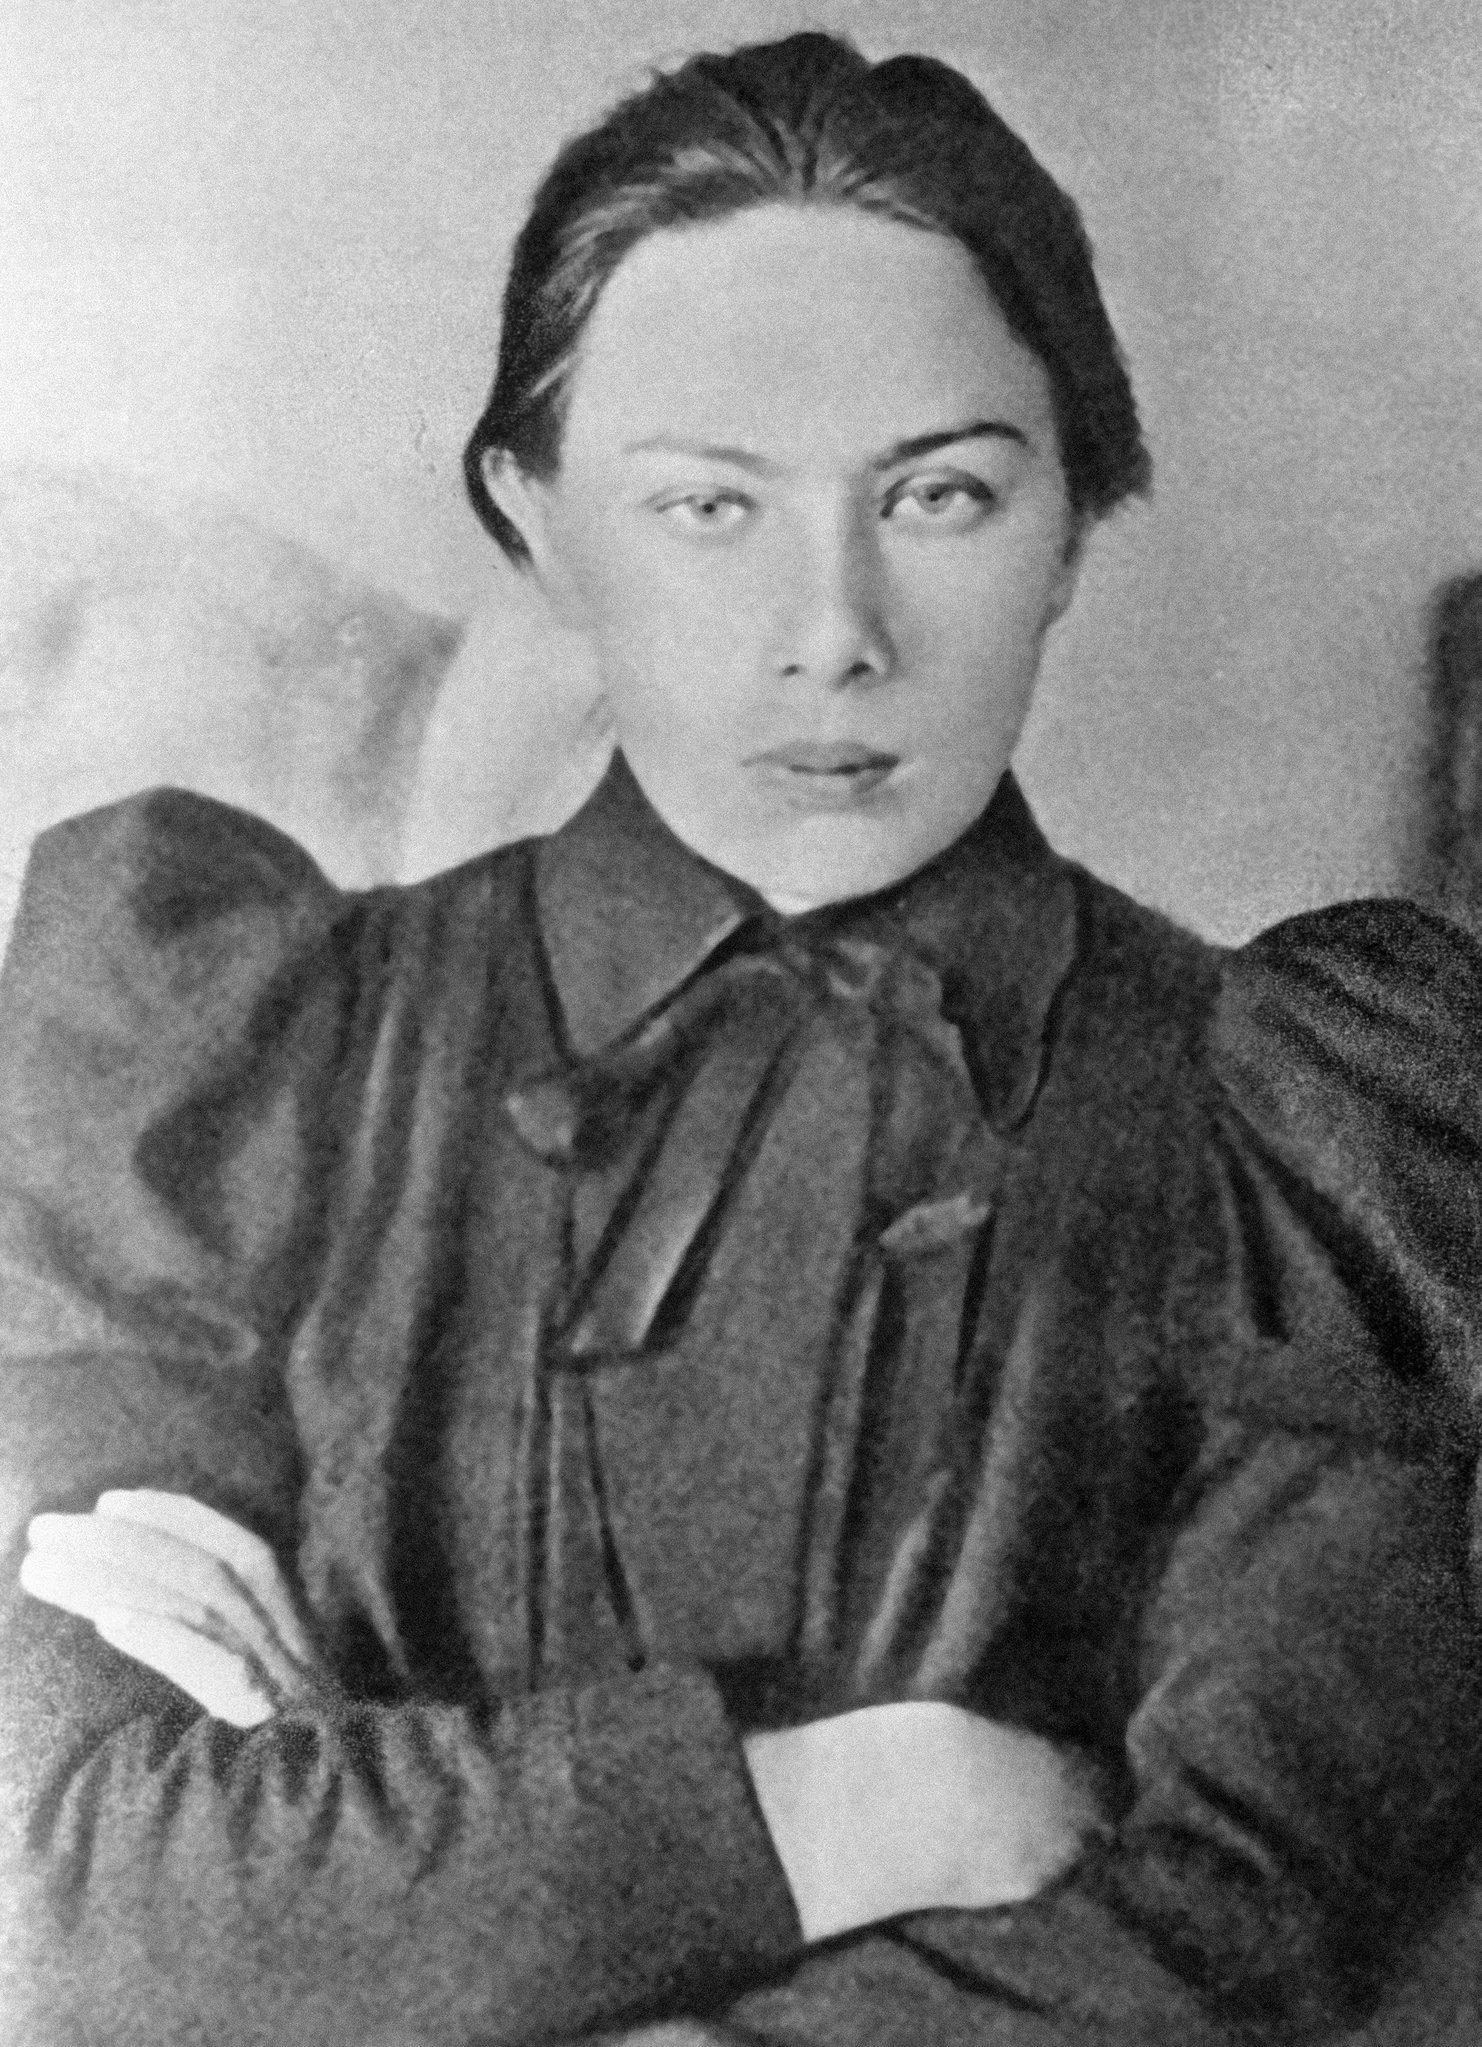 Nadezhda Krúpskaya, participante del movimiento revolucionario